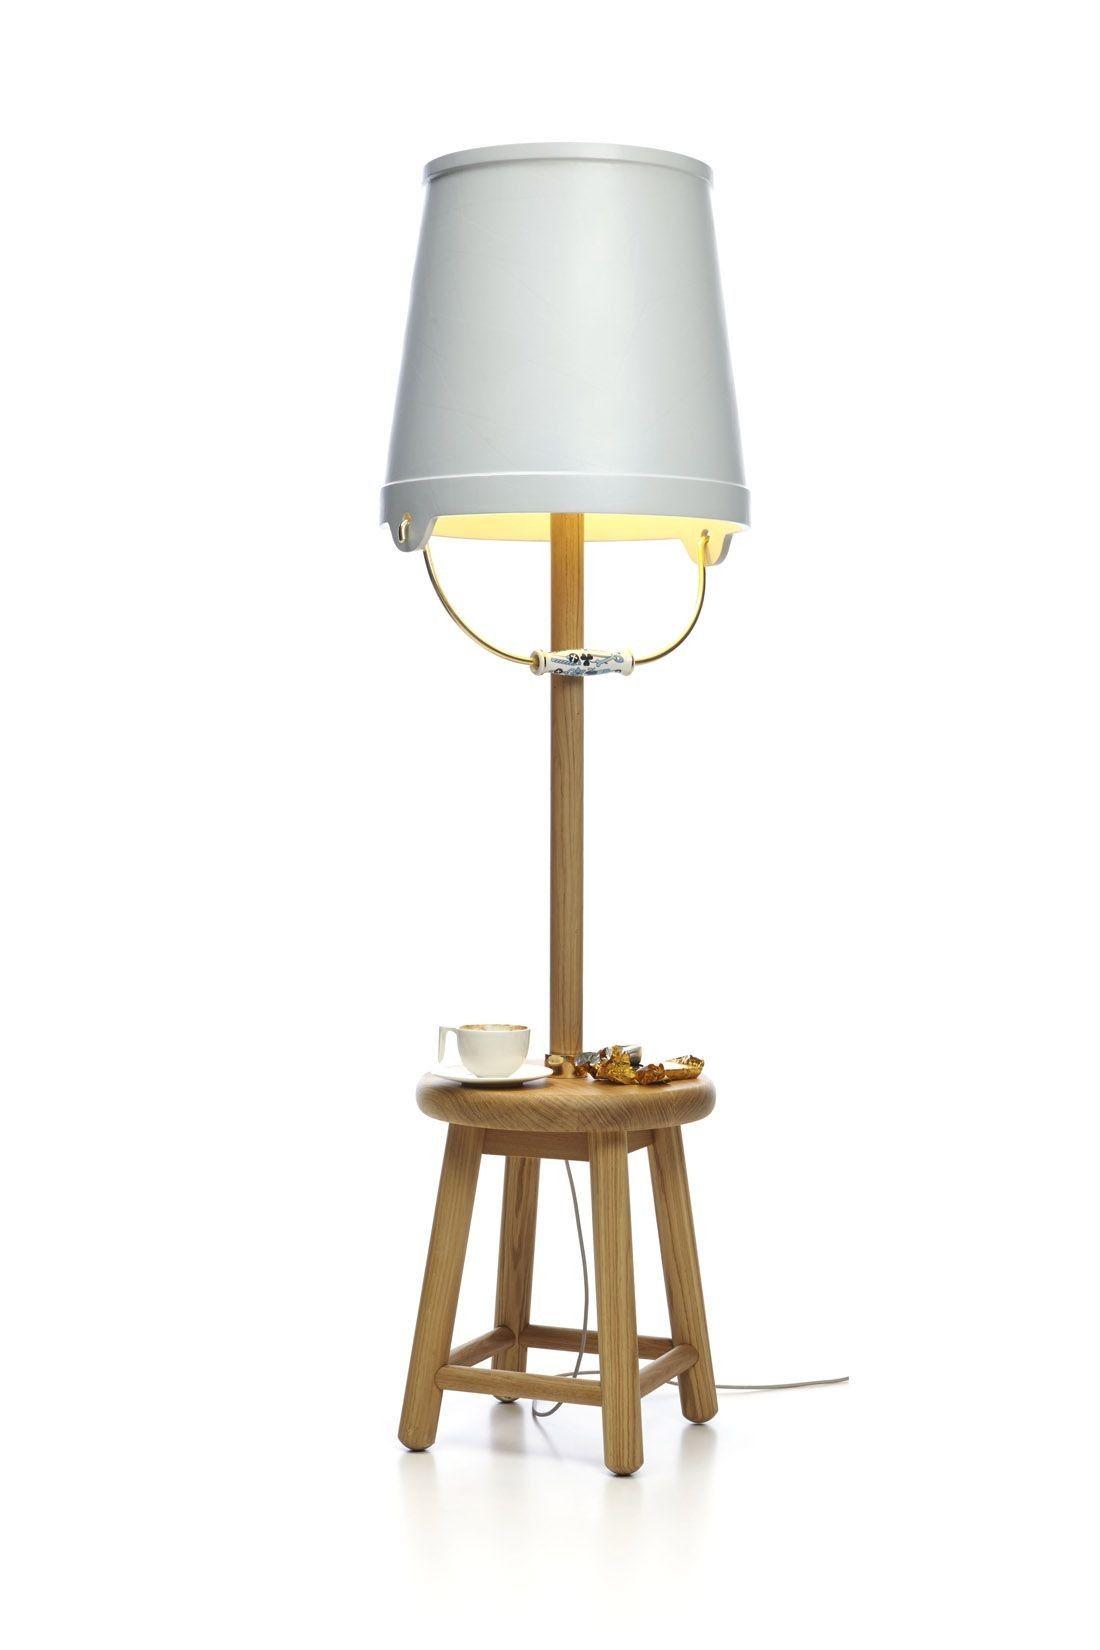 Moooi - Bucket Floor Lamp - Studio Job - papier, eikenhout, goud beplakt staal, porselein - Nederland - 2012 - €2906